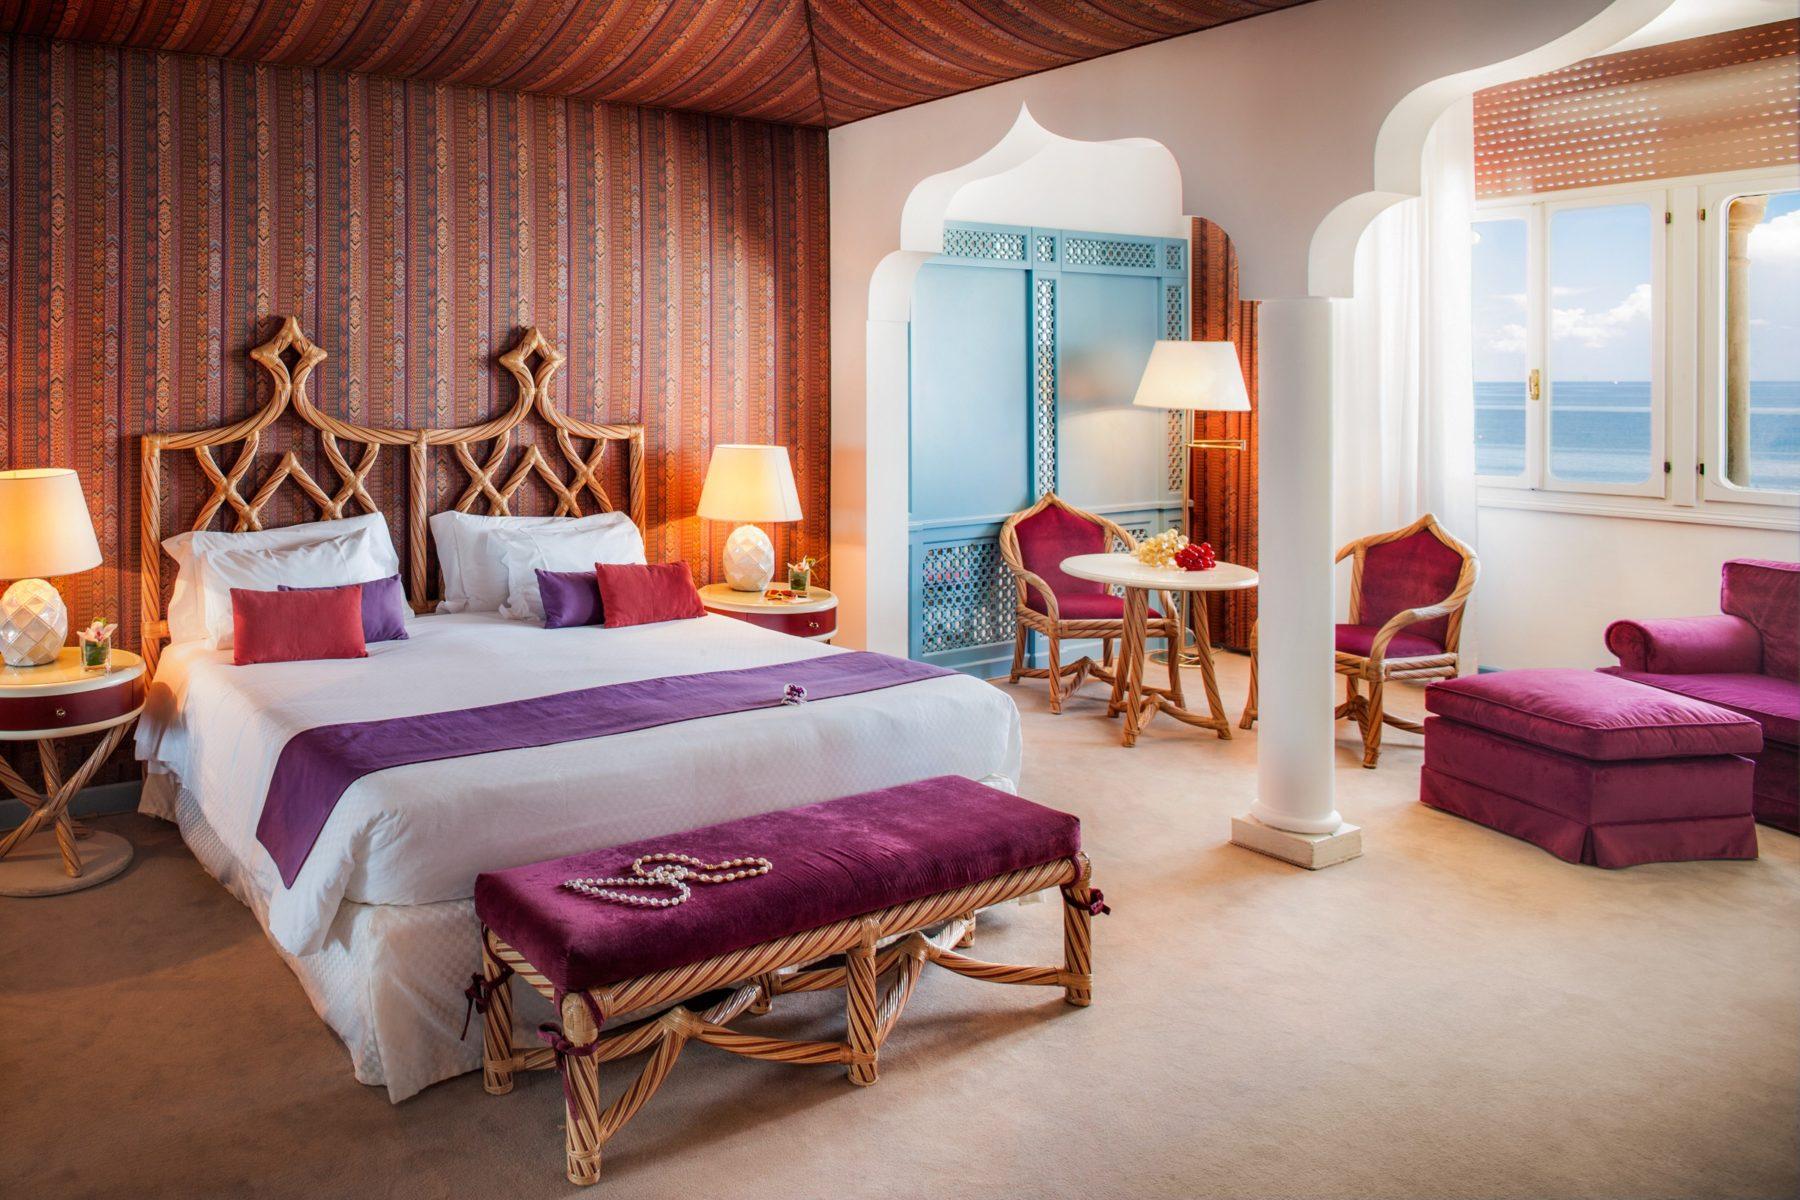 Le sontuose camere dell'Hotel Excelsior hanno ospitato personalità della politica, dell'arte e celebrità internazionali